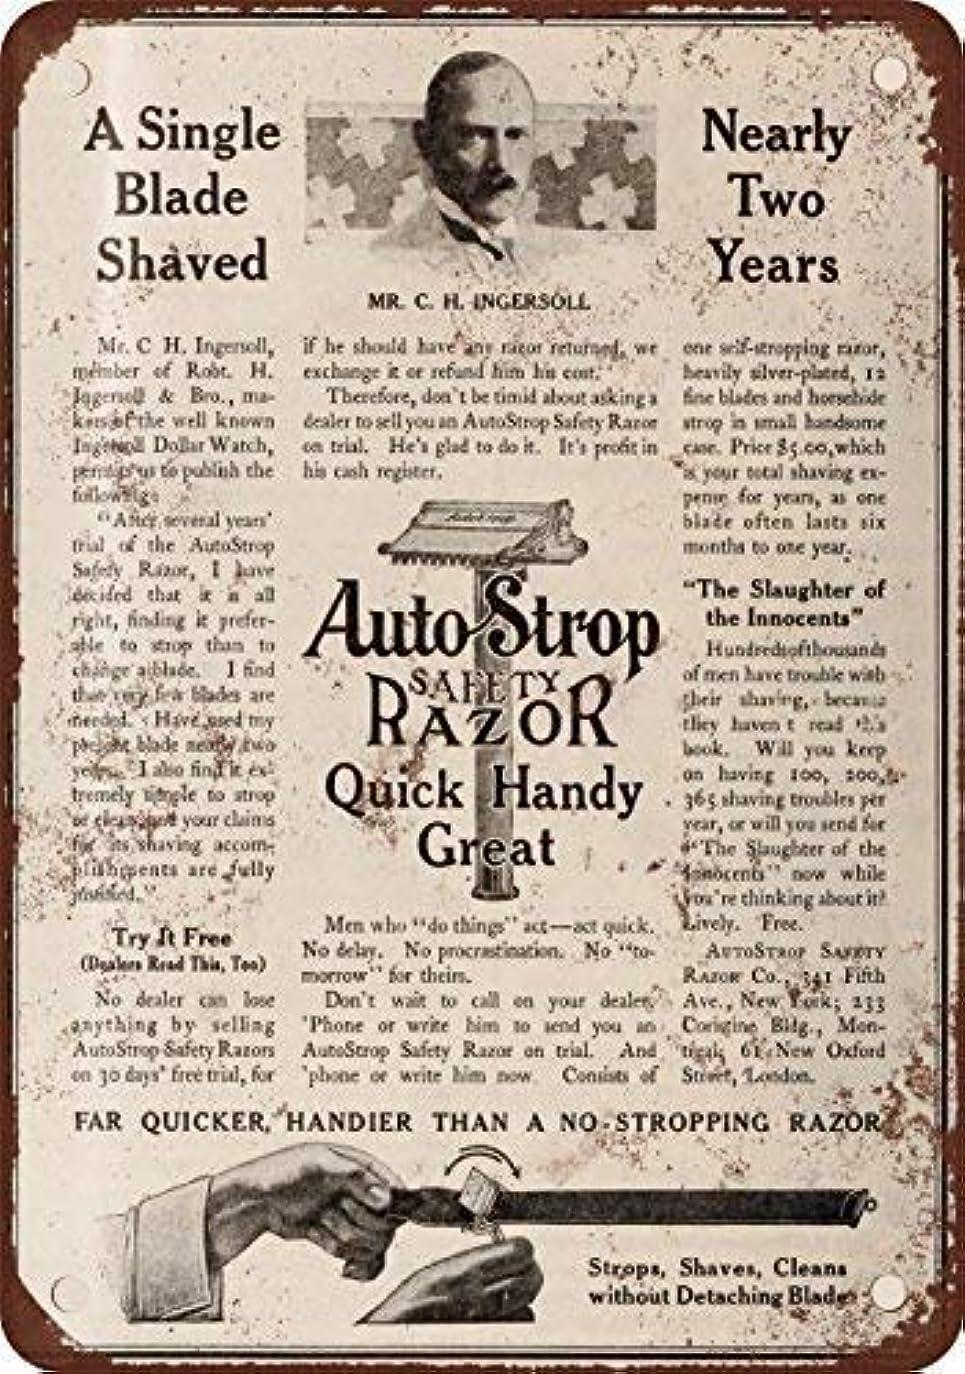 テーマ忌まわしい失効Shimaier 壁の装飾 ブリキ 看板メタルサイン 1910 AutoStrop Safety Razor ウォールアート バー カフェ 30×40cm ヴィンテージ風 メタルプレート